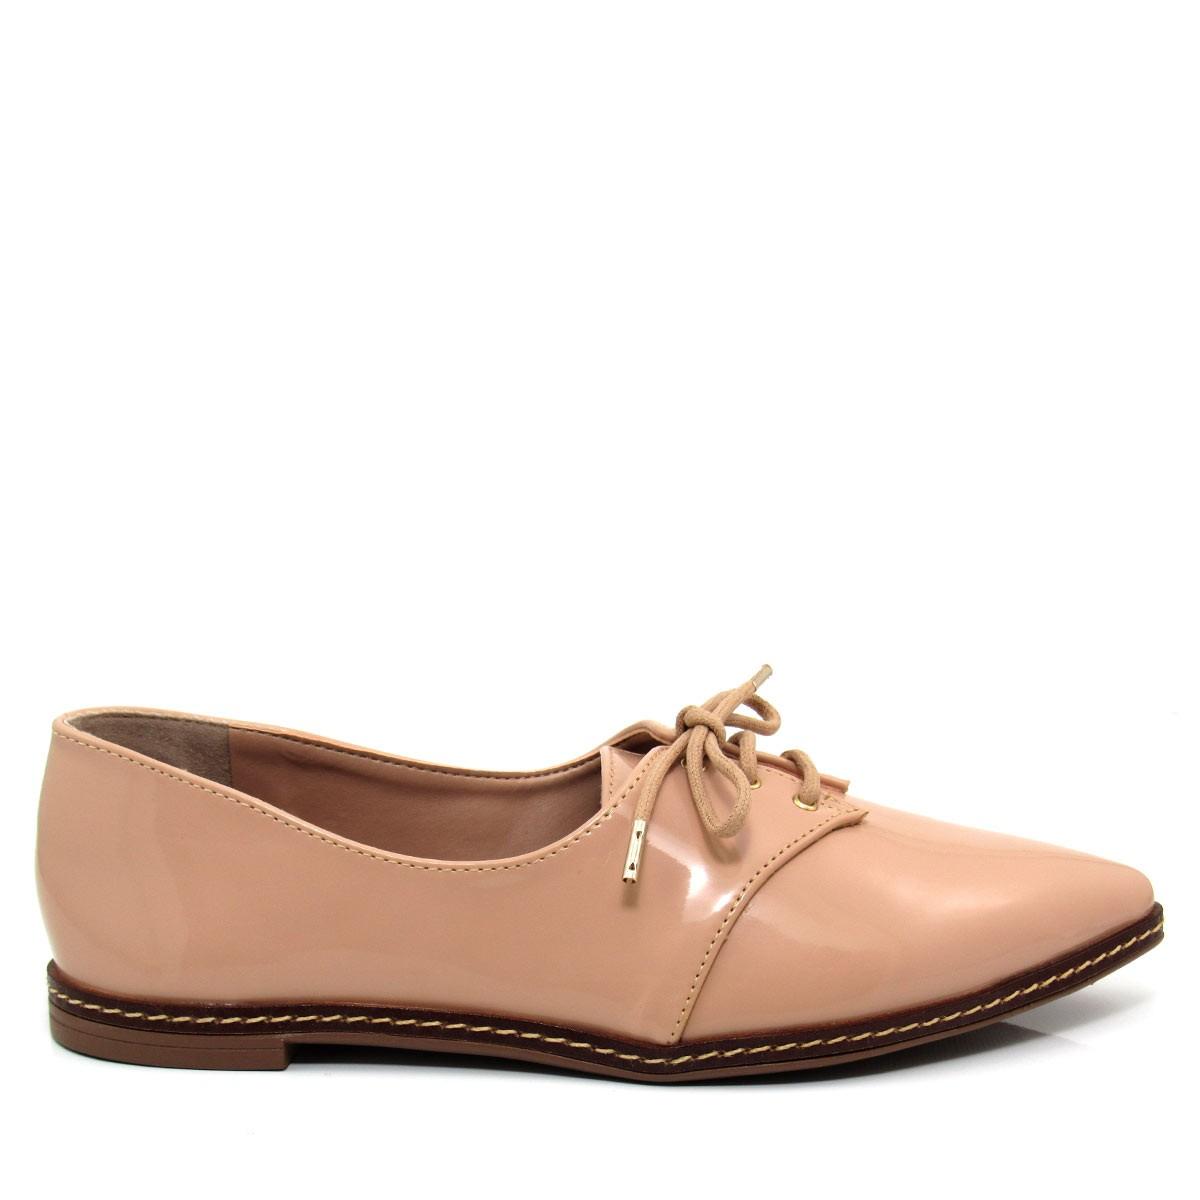 9399801c2 Sapato Feminino Oxford Mariotta 1619074 Verniz Coleção 2018